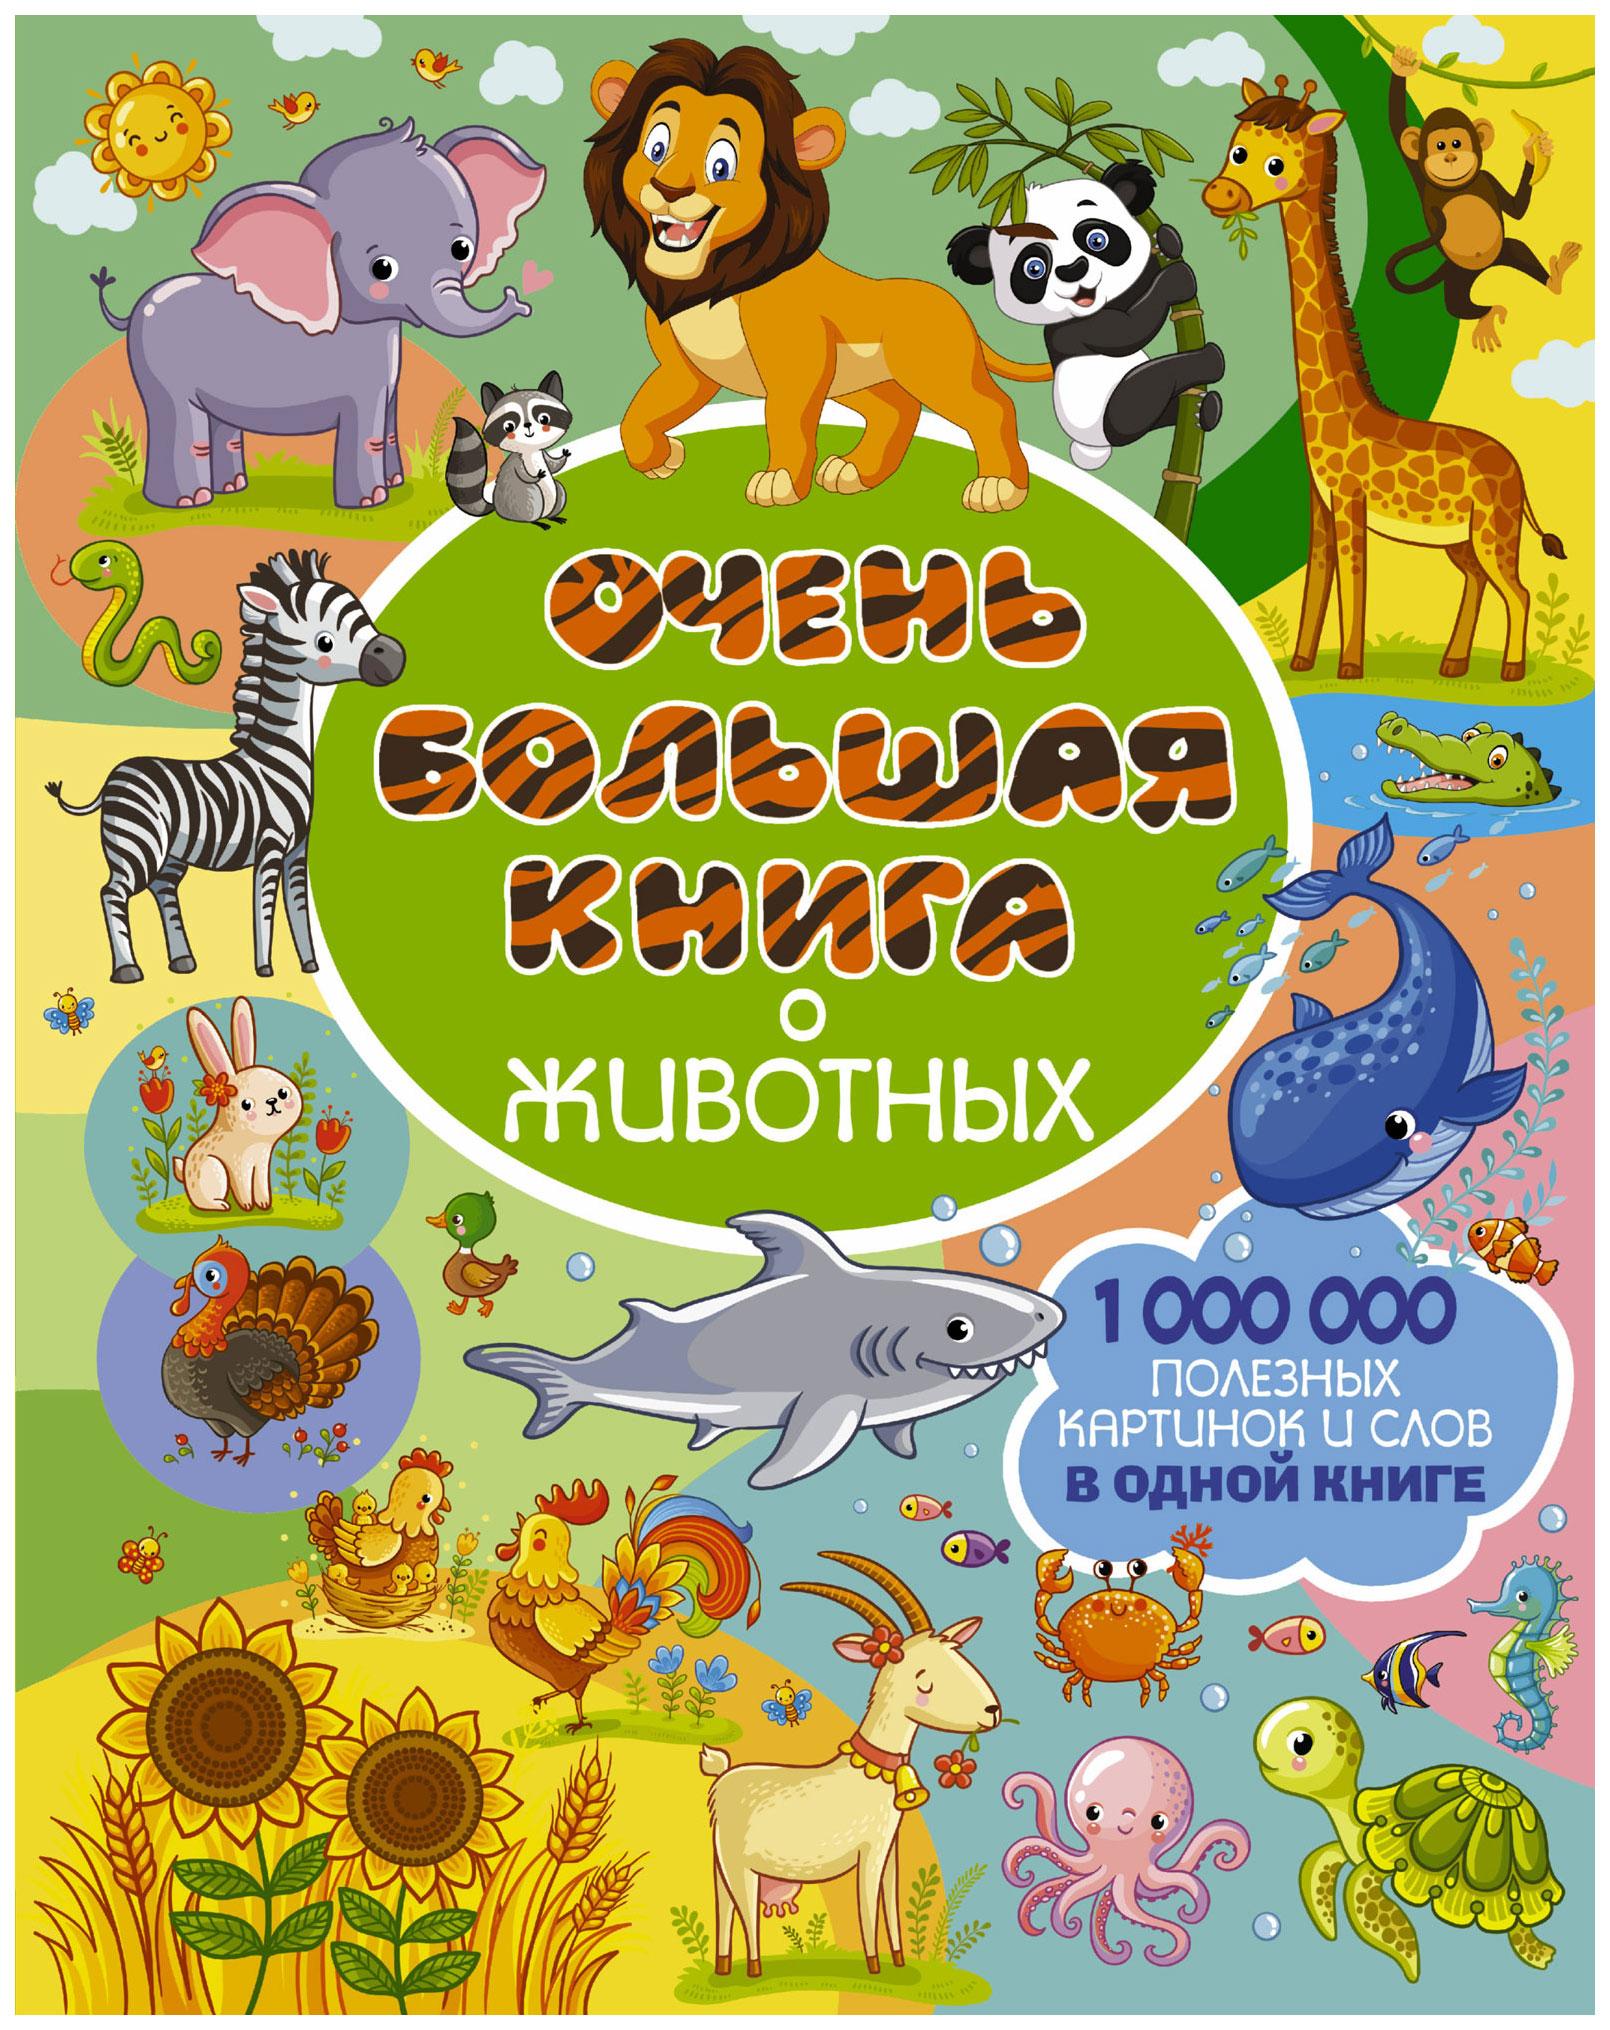 Книга Аст Доманская л. В. Очень Большая книга о Животных фото